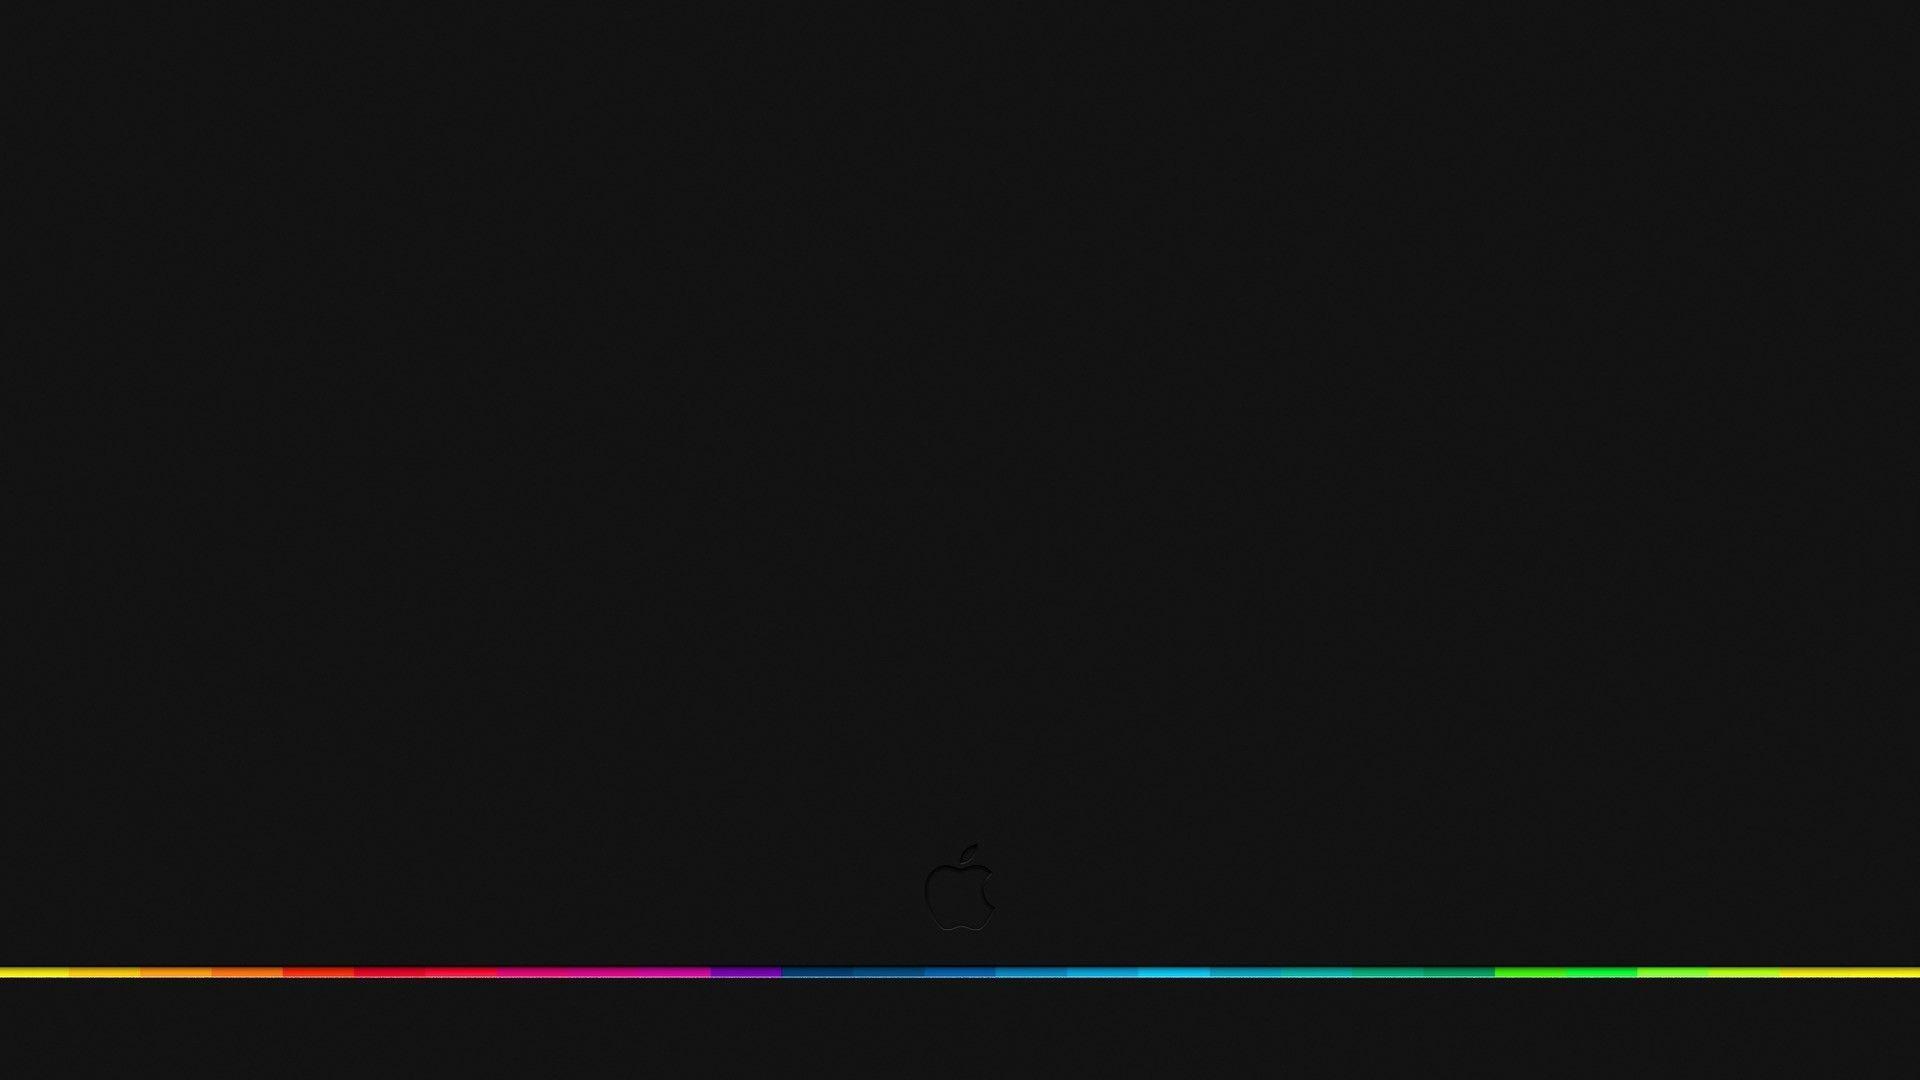 1920x1080 Hình nền mát mẻ tối